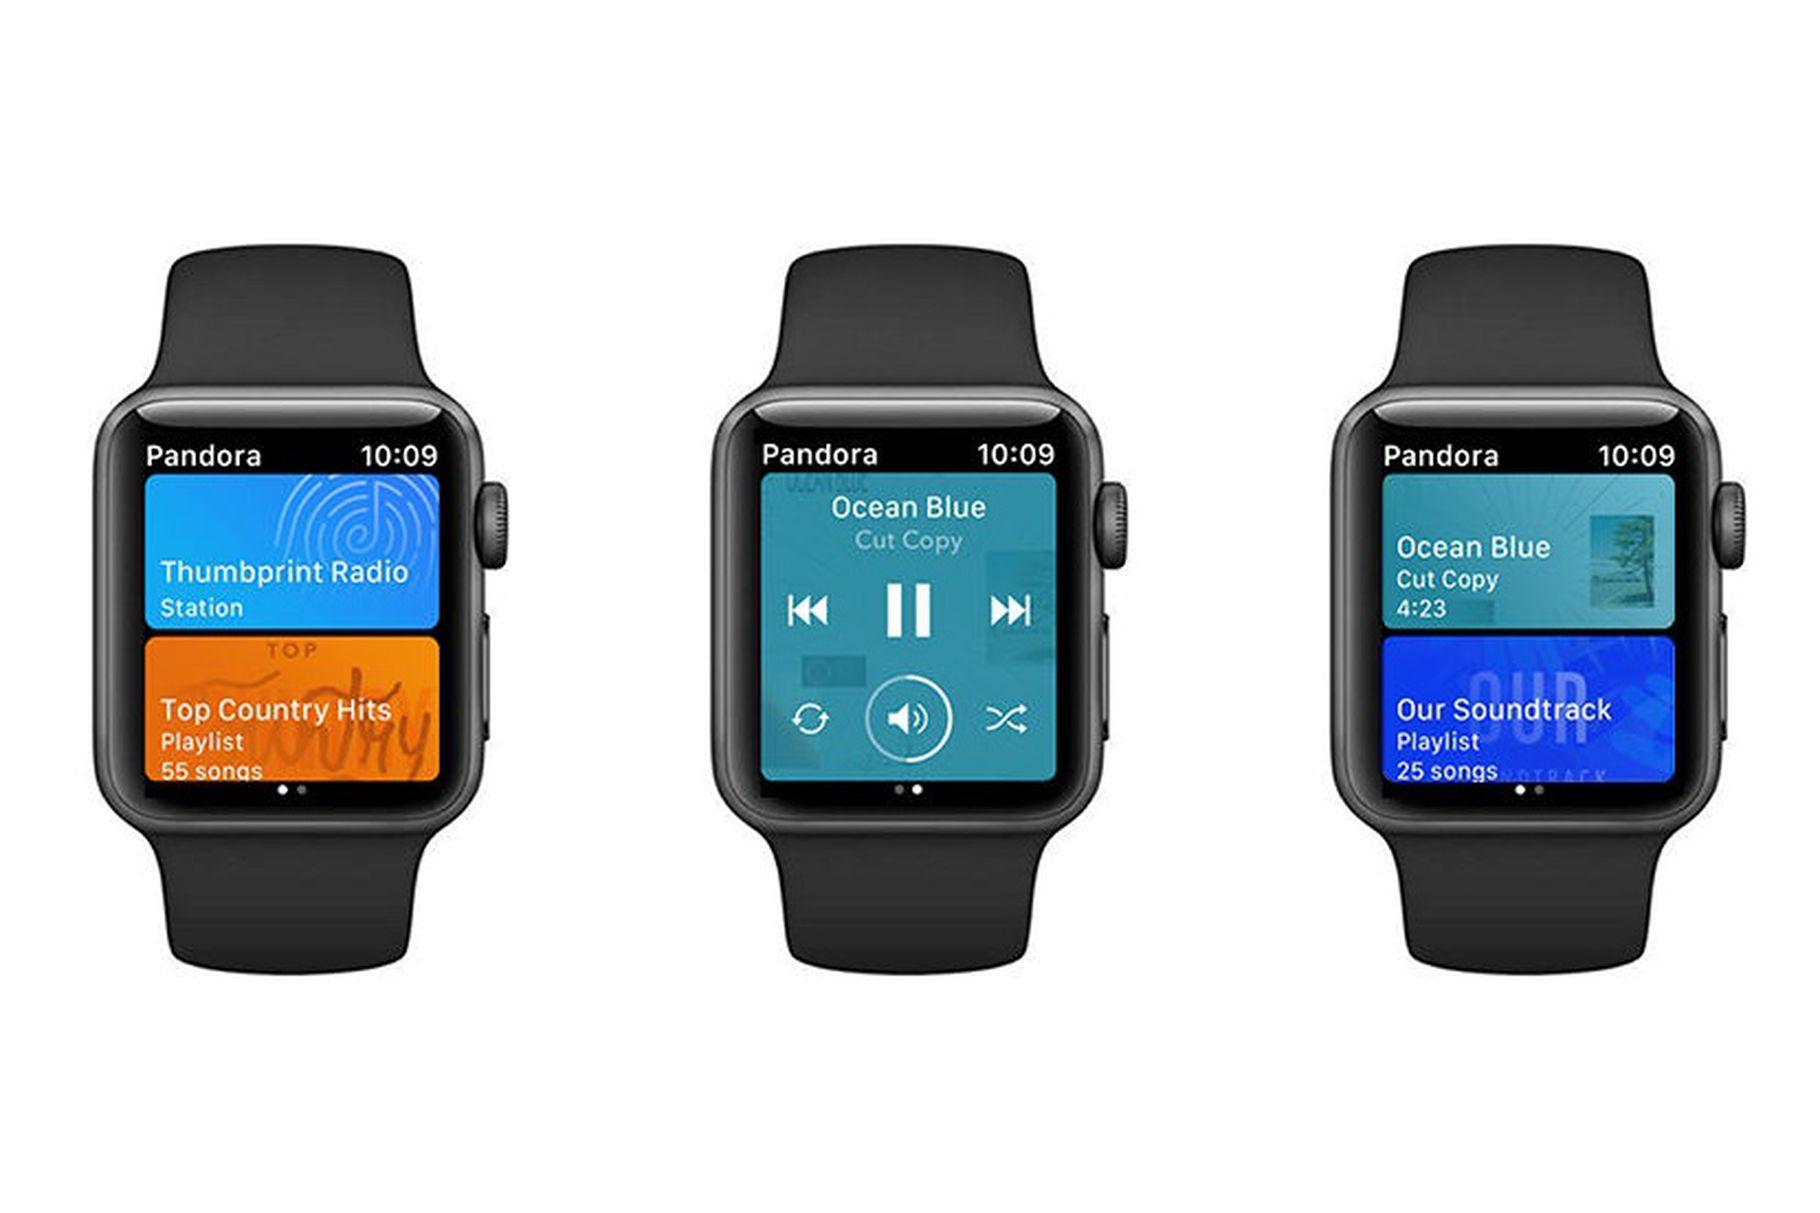 6562bcd09ff Apple Watch - Pandora ultrapassa Spotify e permite reprodução ...